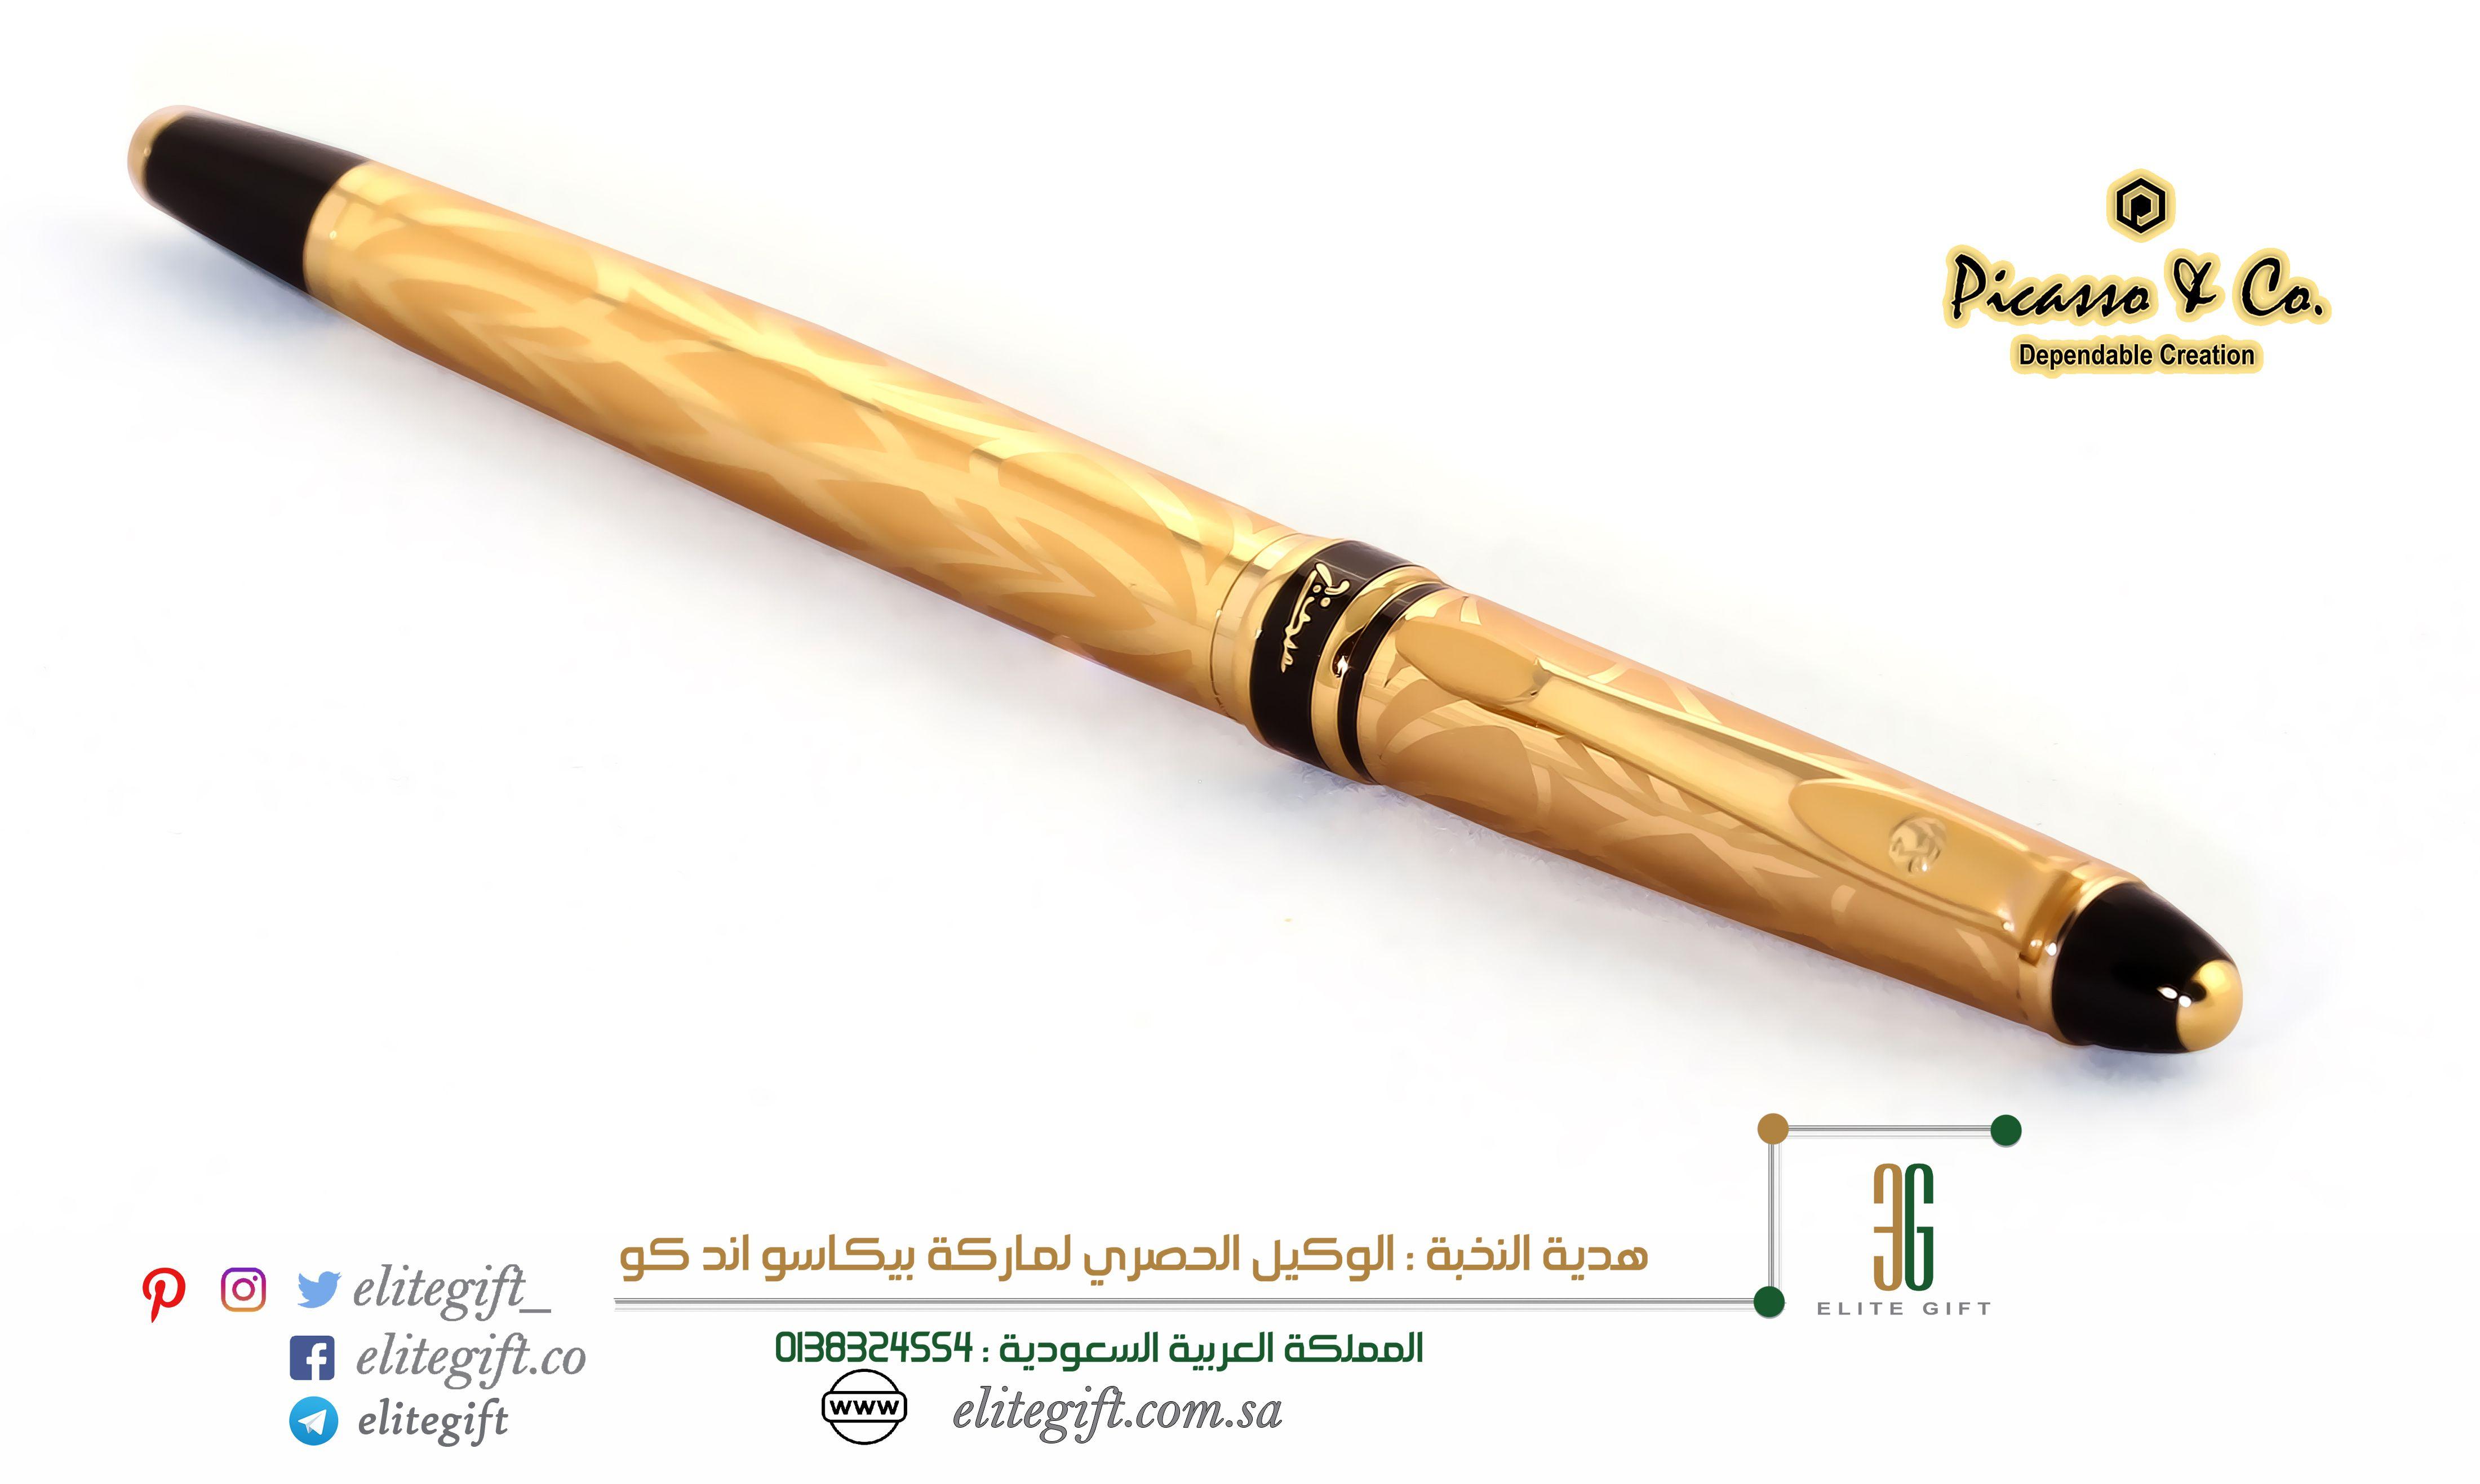 جمالية الشكل وانسيابيته ومتانة وجودة التصميم تجتمع في هذا القلم المميز من بيكاسو اند كو اللون الذهبي المرصع بالنقوش على ك Writing Instruments Oils Rolling Pin